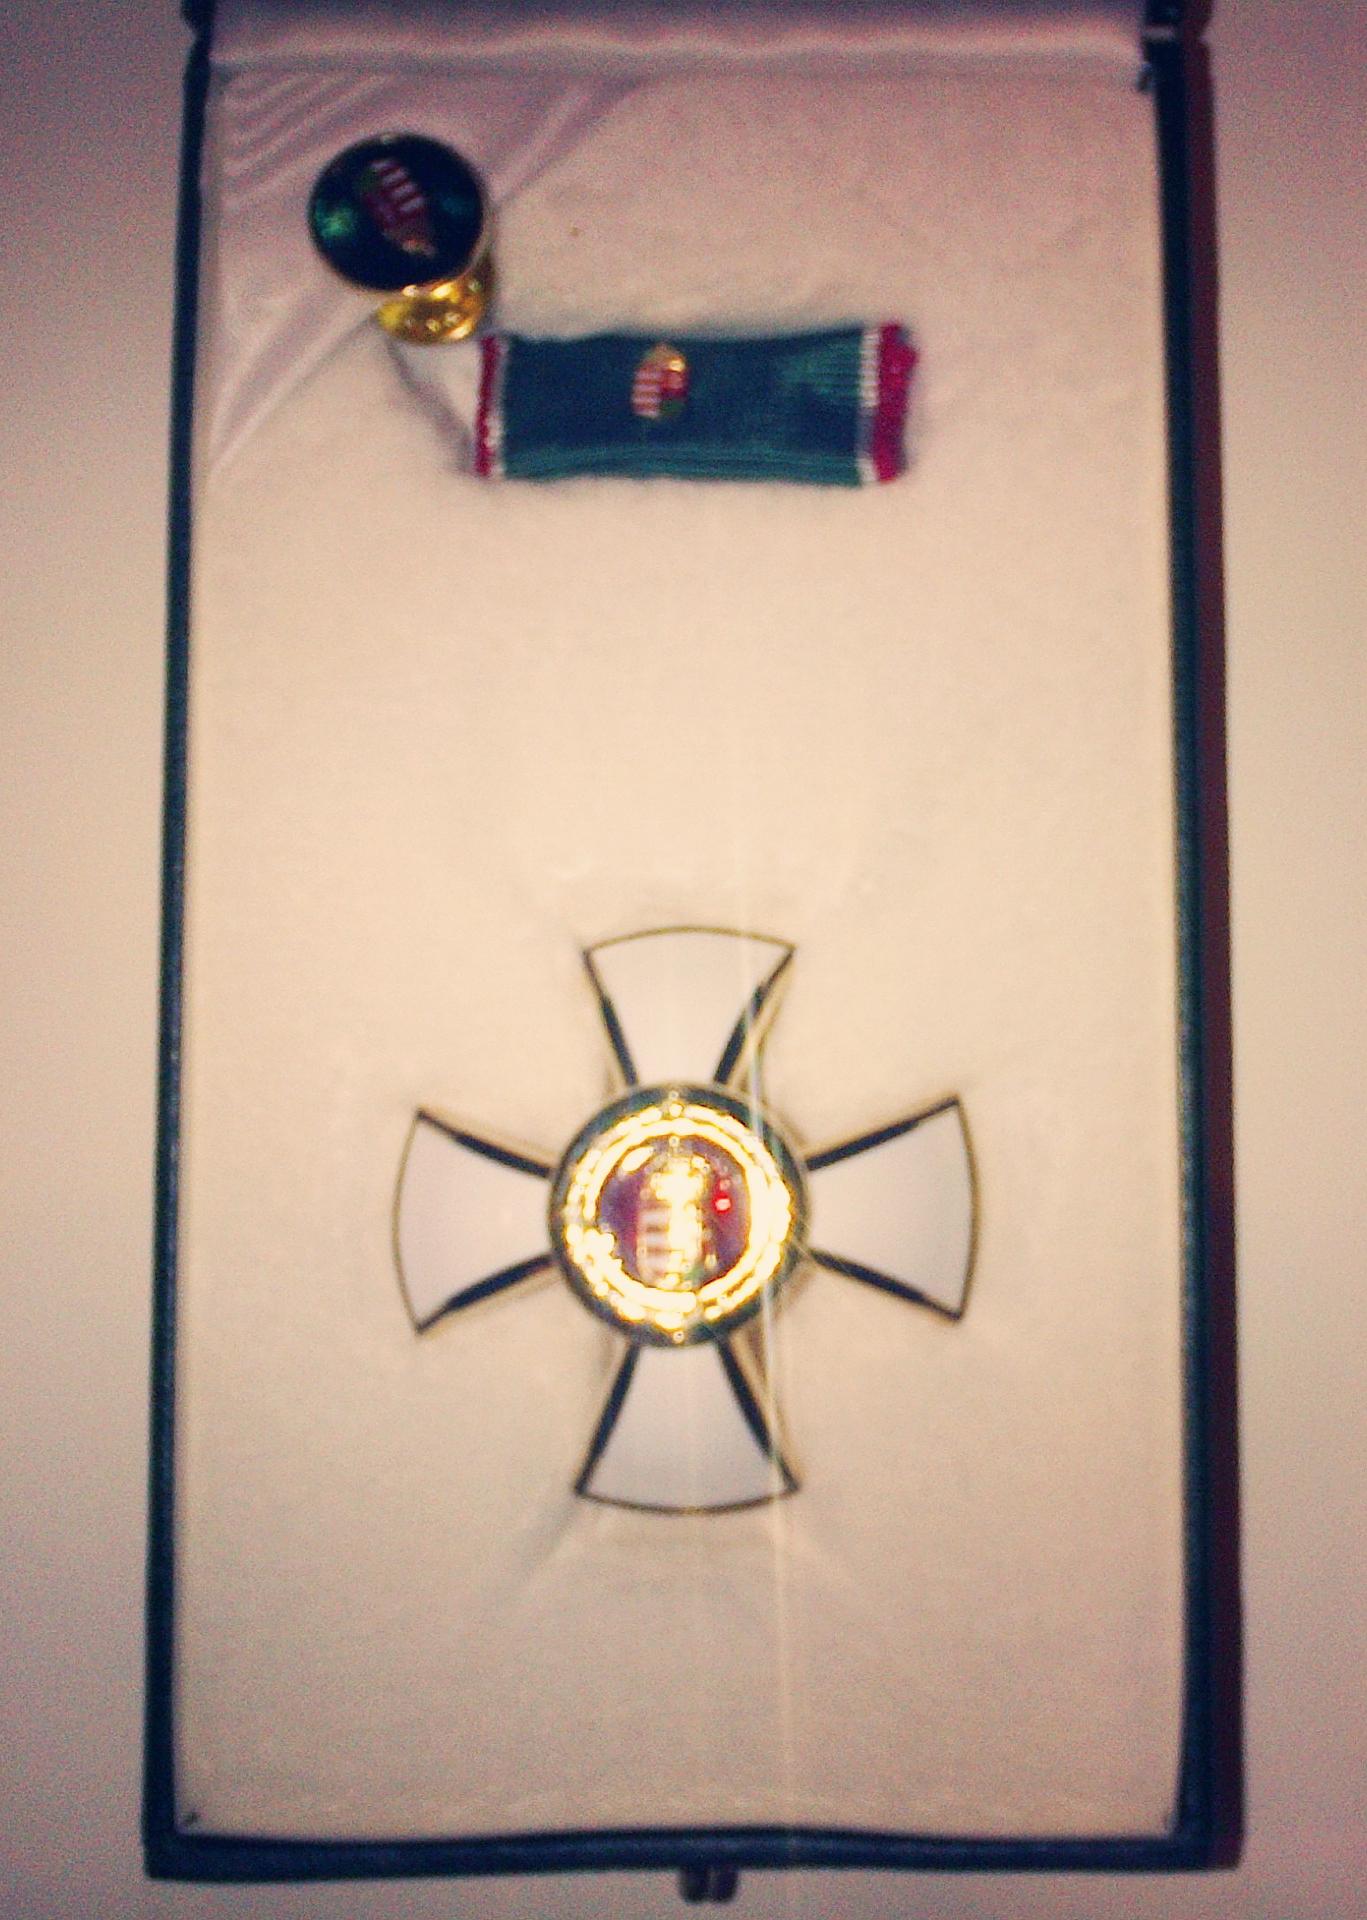 A március 15-i ünnep alkalmával a legmagasabb magyar állam által adható Magyar Érdemrend Tisztikeresztje állami kitüntetésben részesült múzeumalapítónk, Hidvégi Béla.